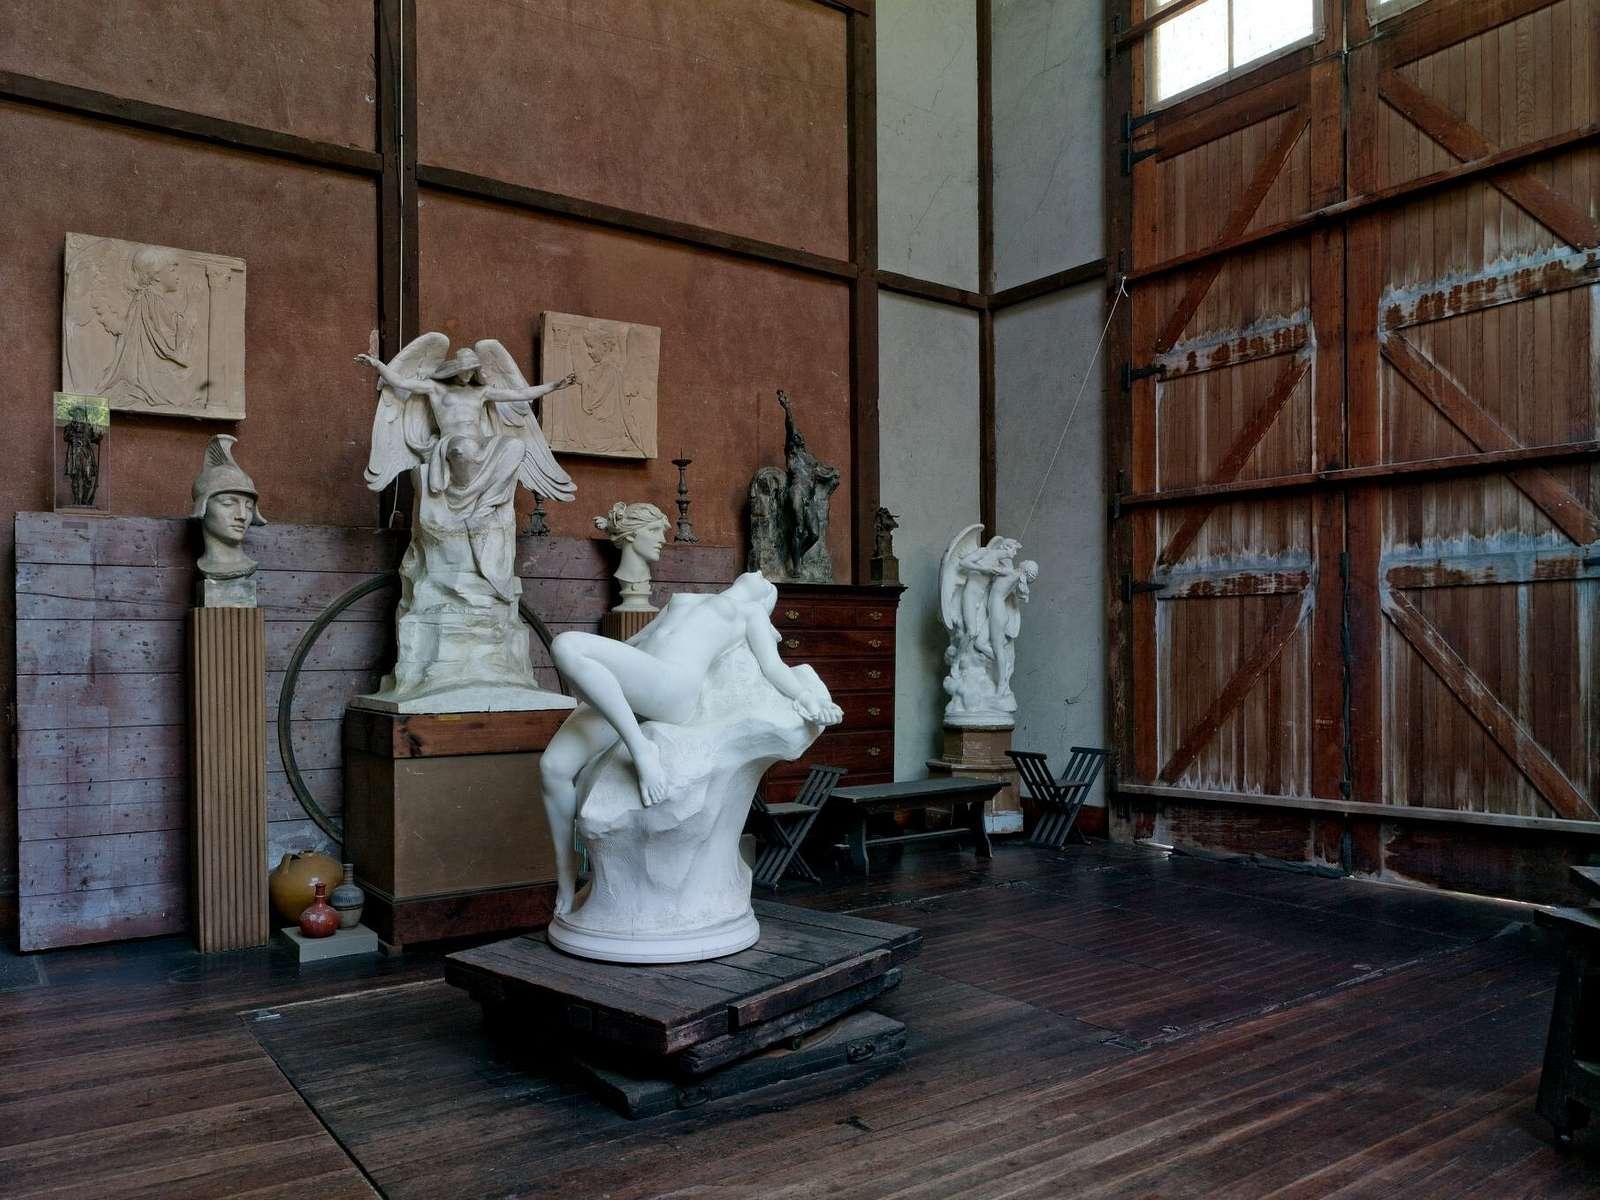 Chesterwood, Daniel Chester Wood's studio, Stockbridge, Massachusetts